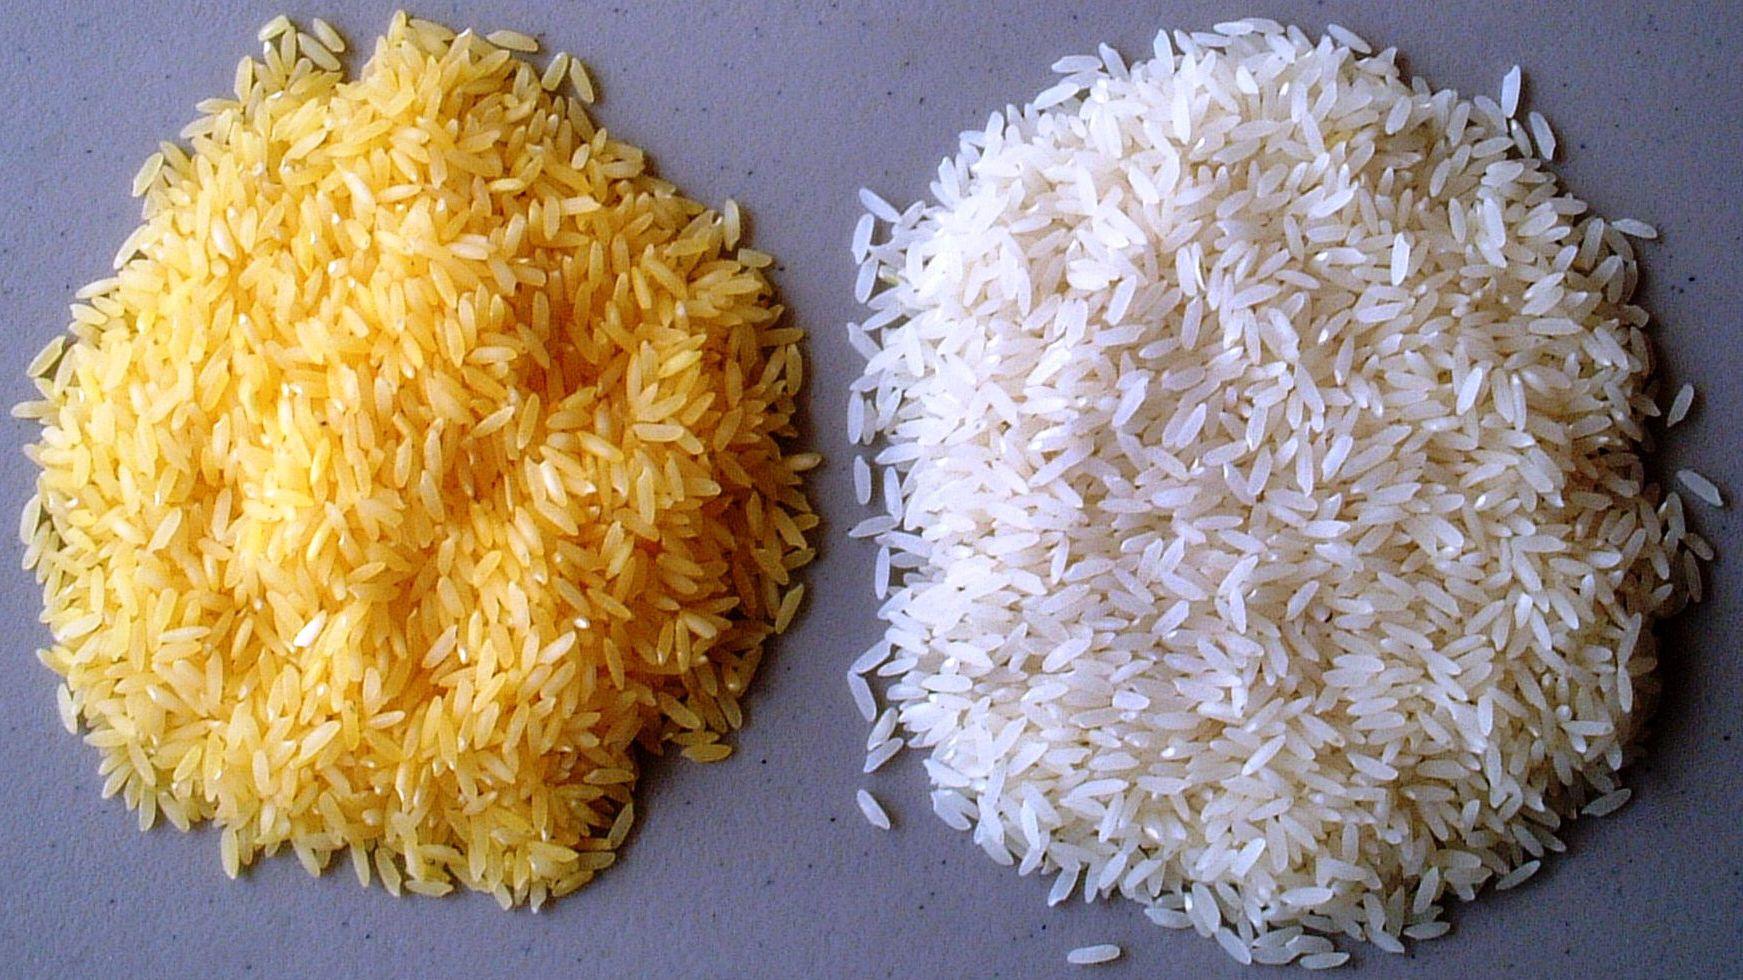 """""""Goldener Reis"""", also gentechnisch veränderter Reis mit mehr Vitamin A, liegt neben herkömmlichem weißen Reis."""